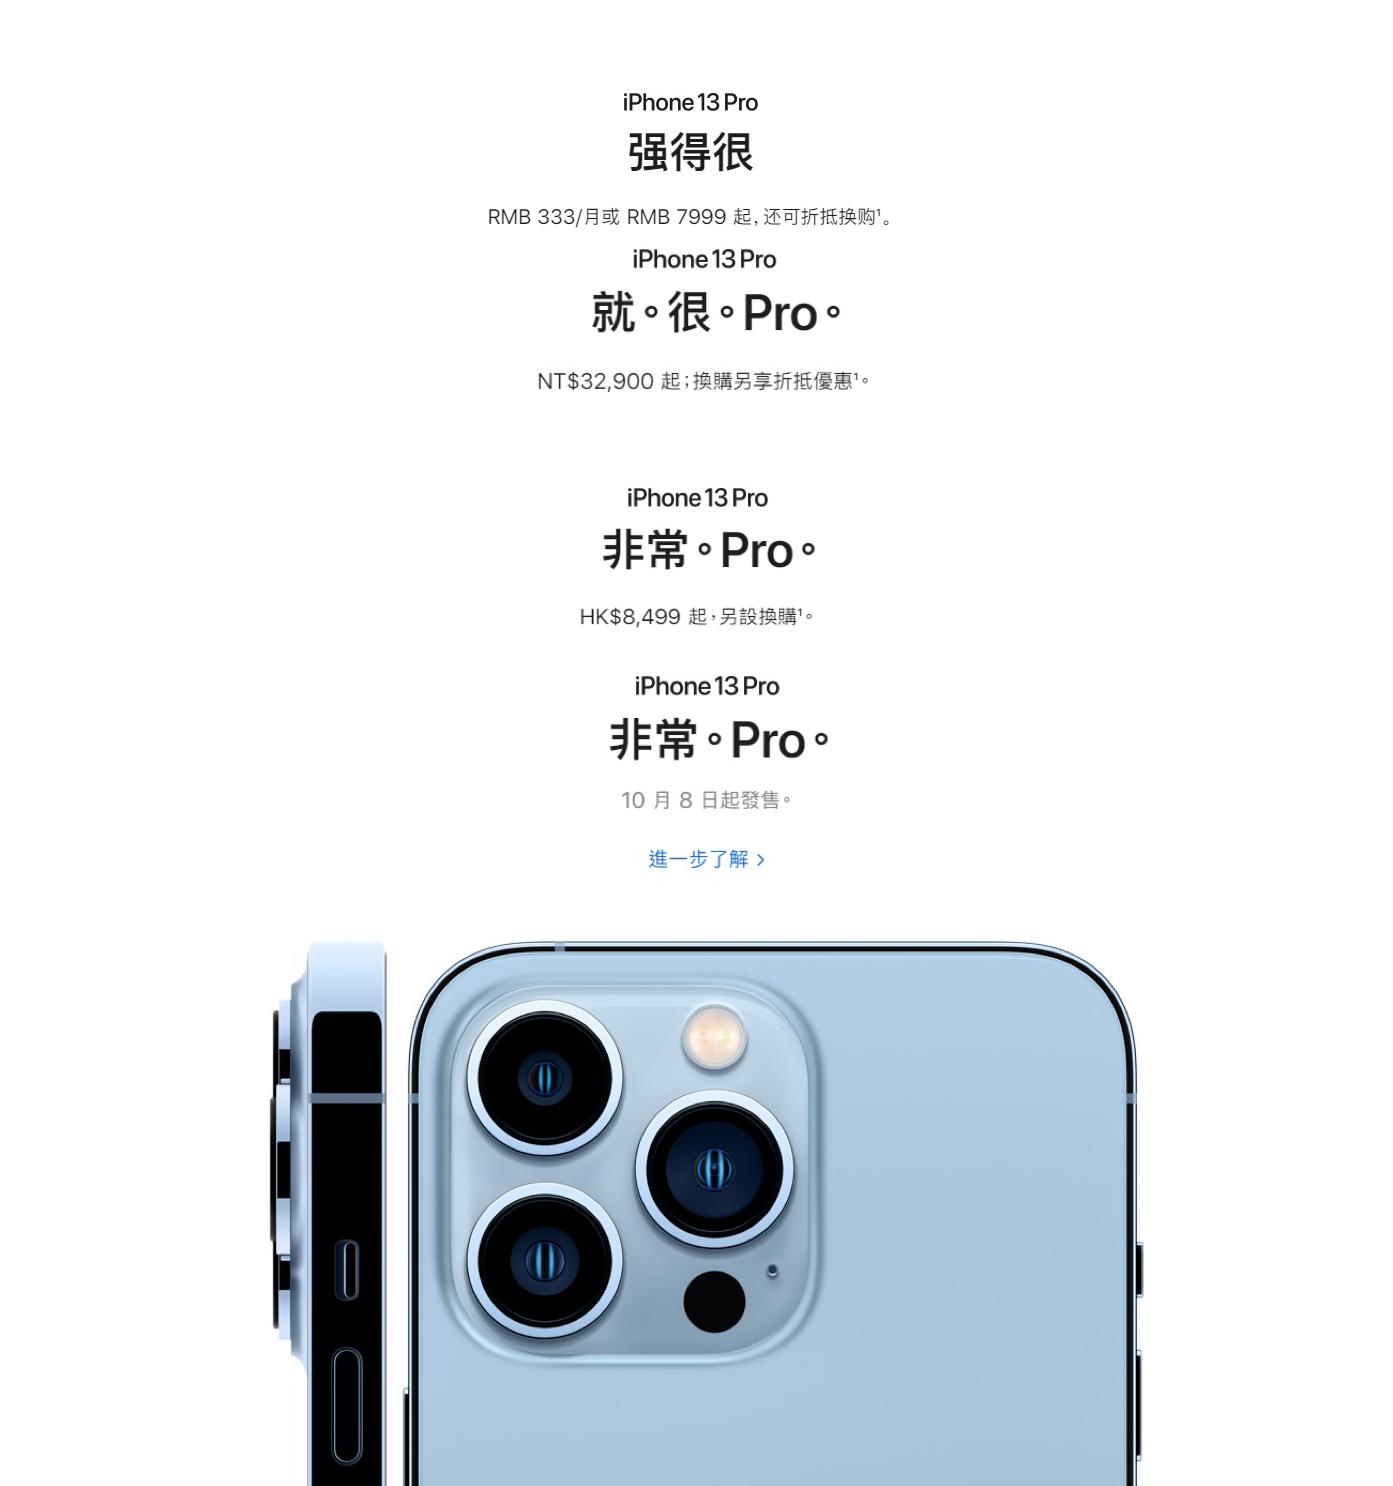 从上至下分别为 中国大陆、中国台湾地区、中国香港地区和中国澳门地区苹果官网截图